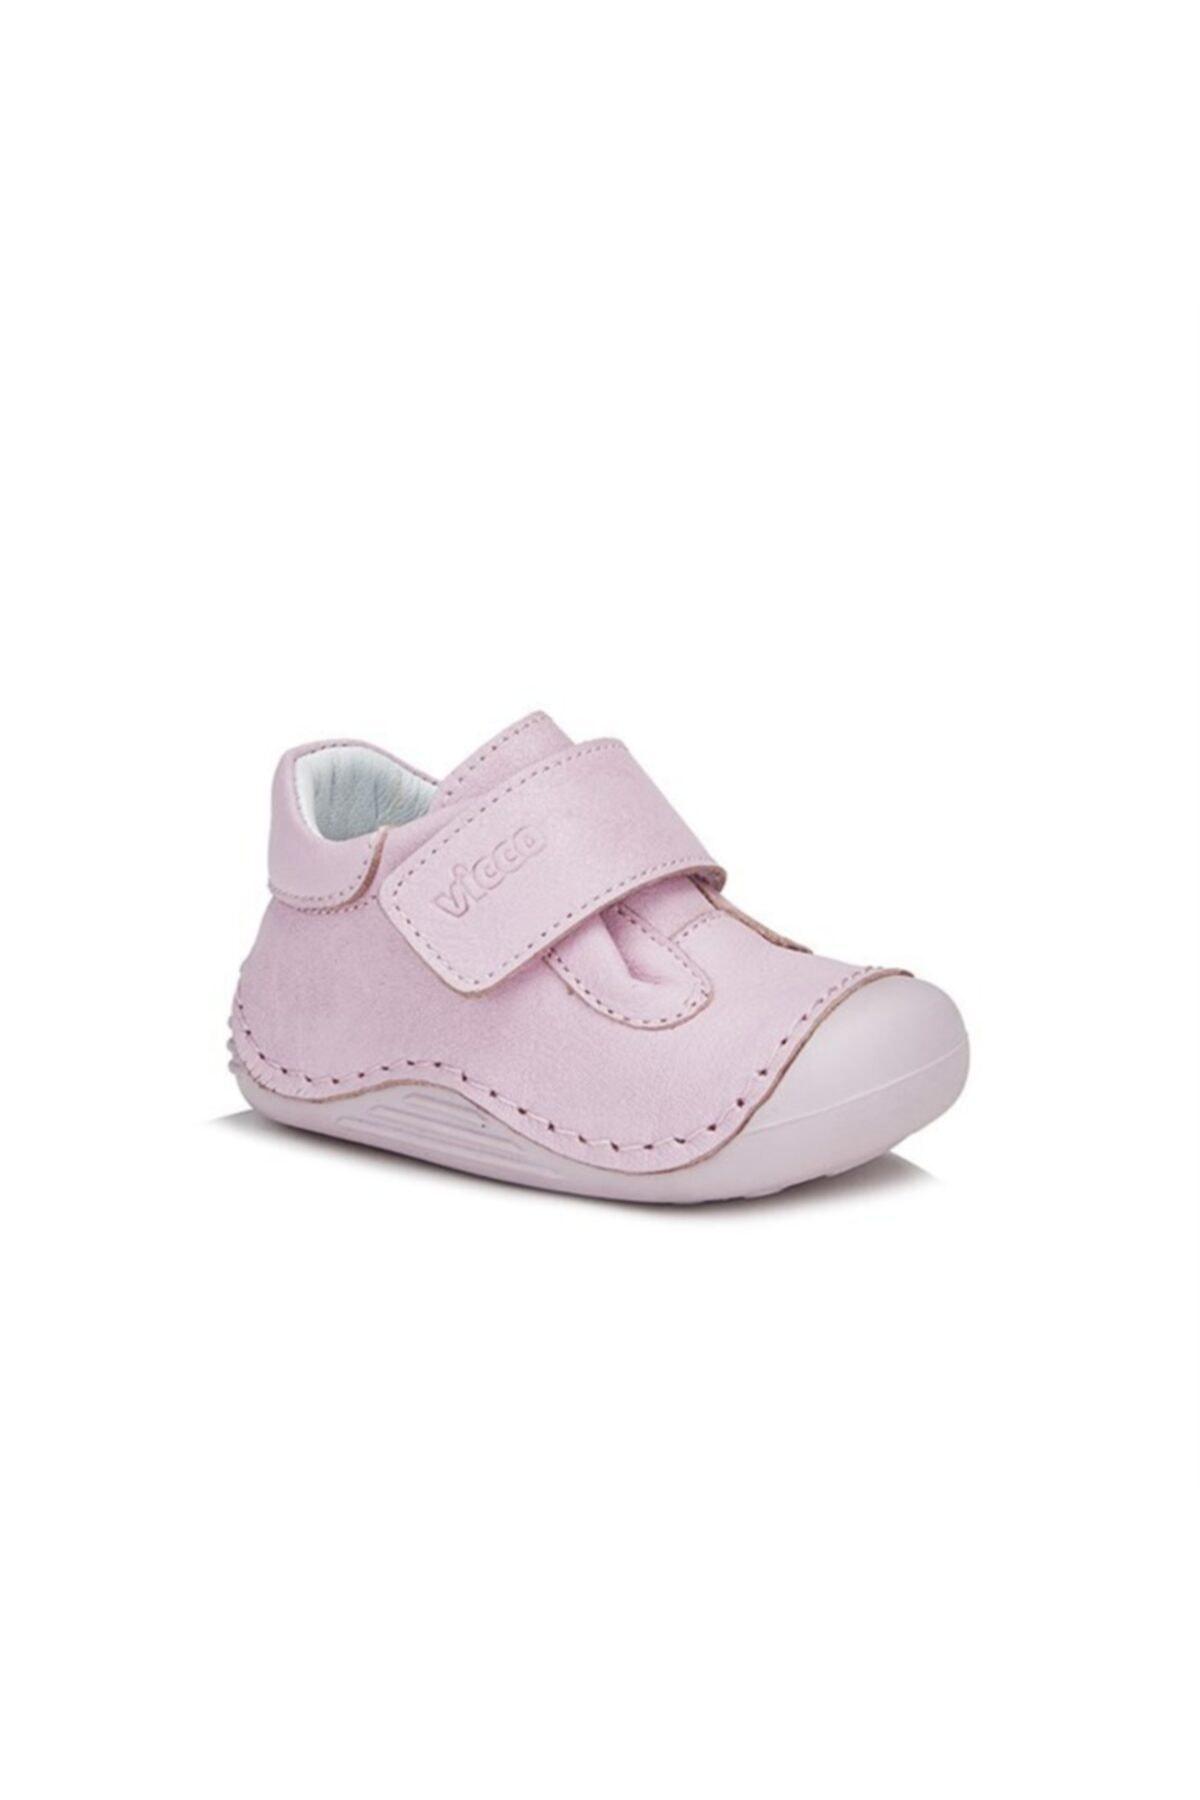 Vicco 918.e20y.001 Beyaz Deri Unisexçocuk Ayakkabı 1